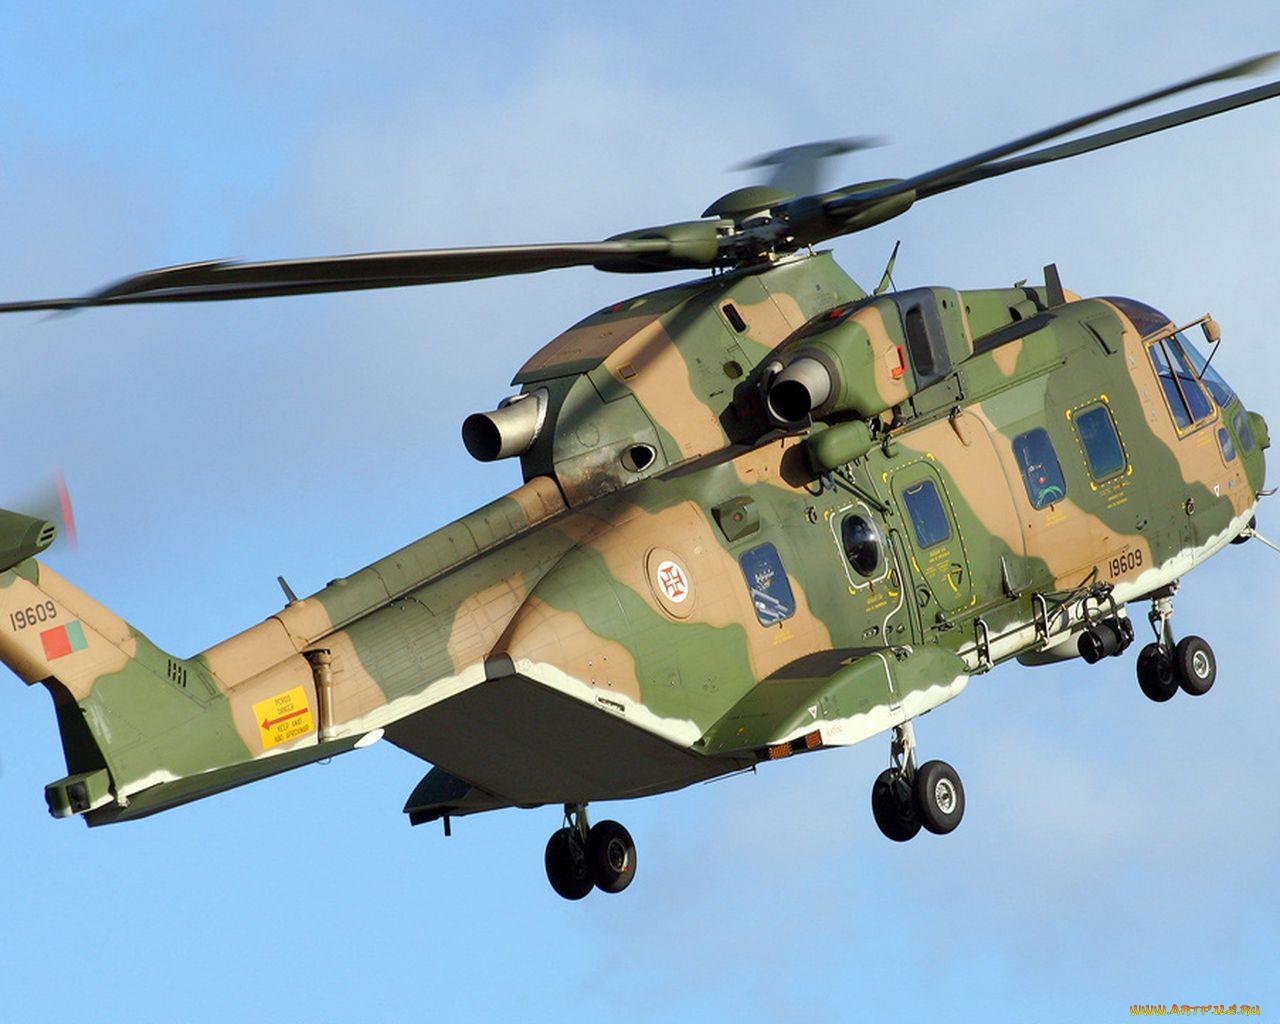 только картинки самолетов и вертолетов с названиями пасхальных